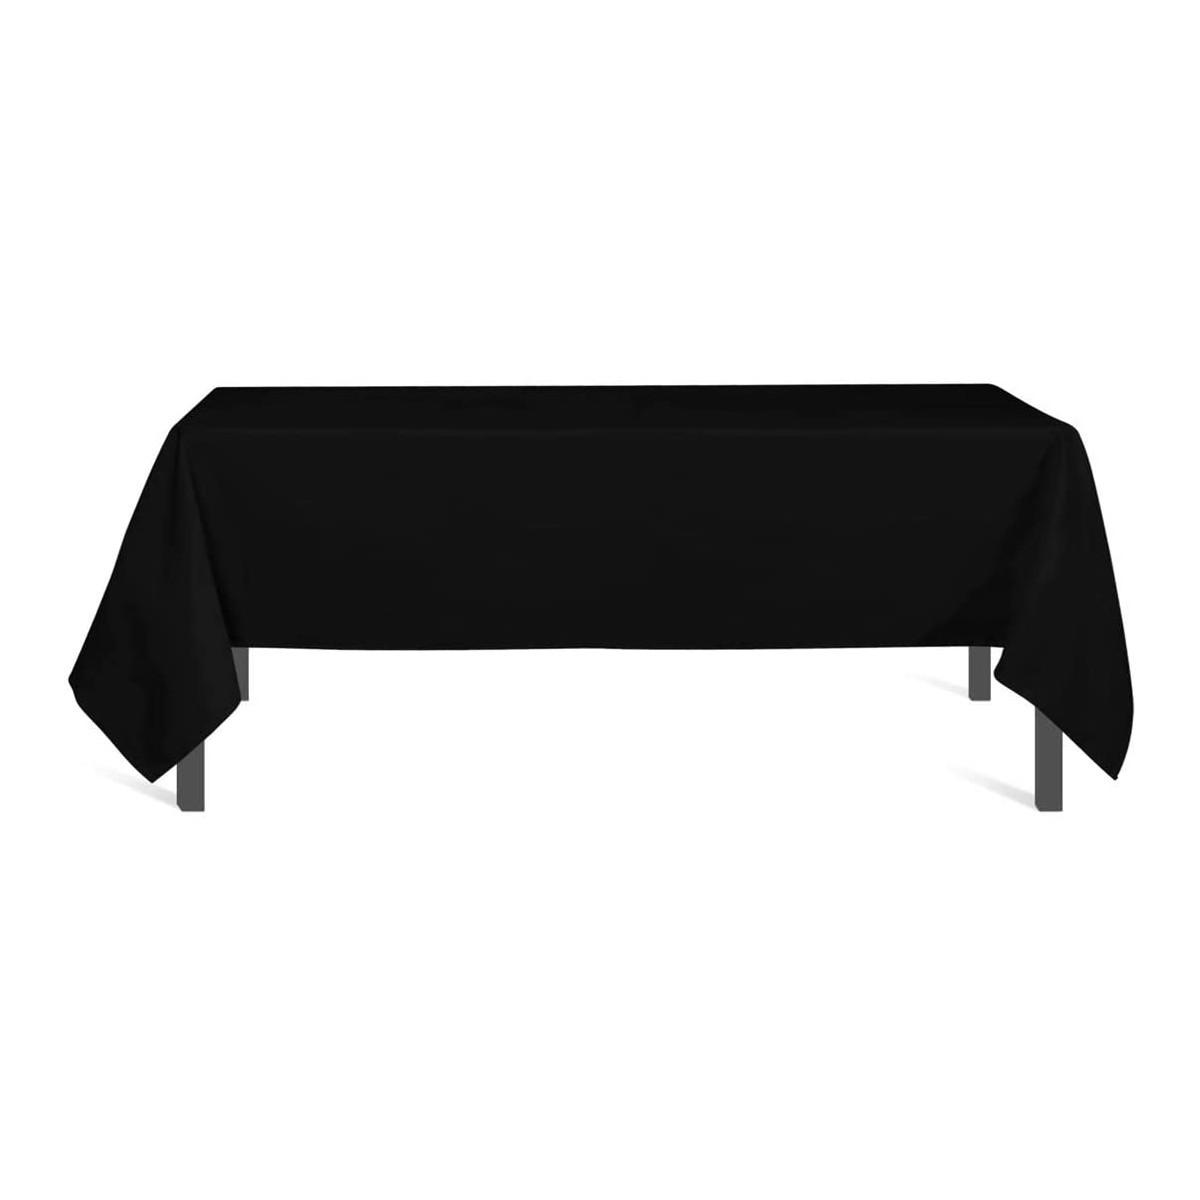 Tovaglia nera rettangolare 140 x 300 cm, per feste a tema